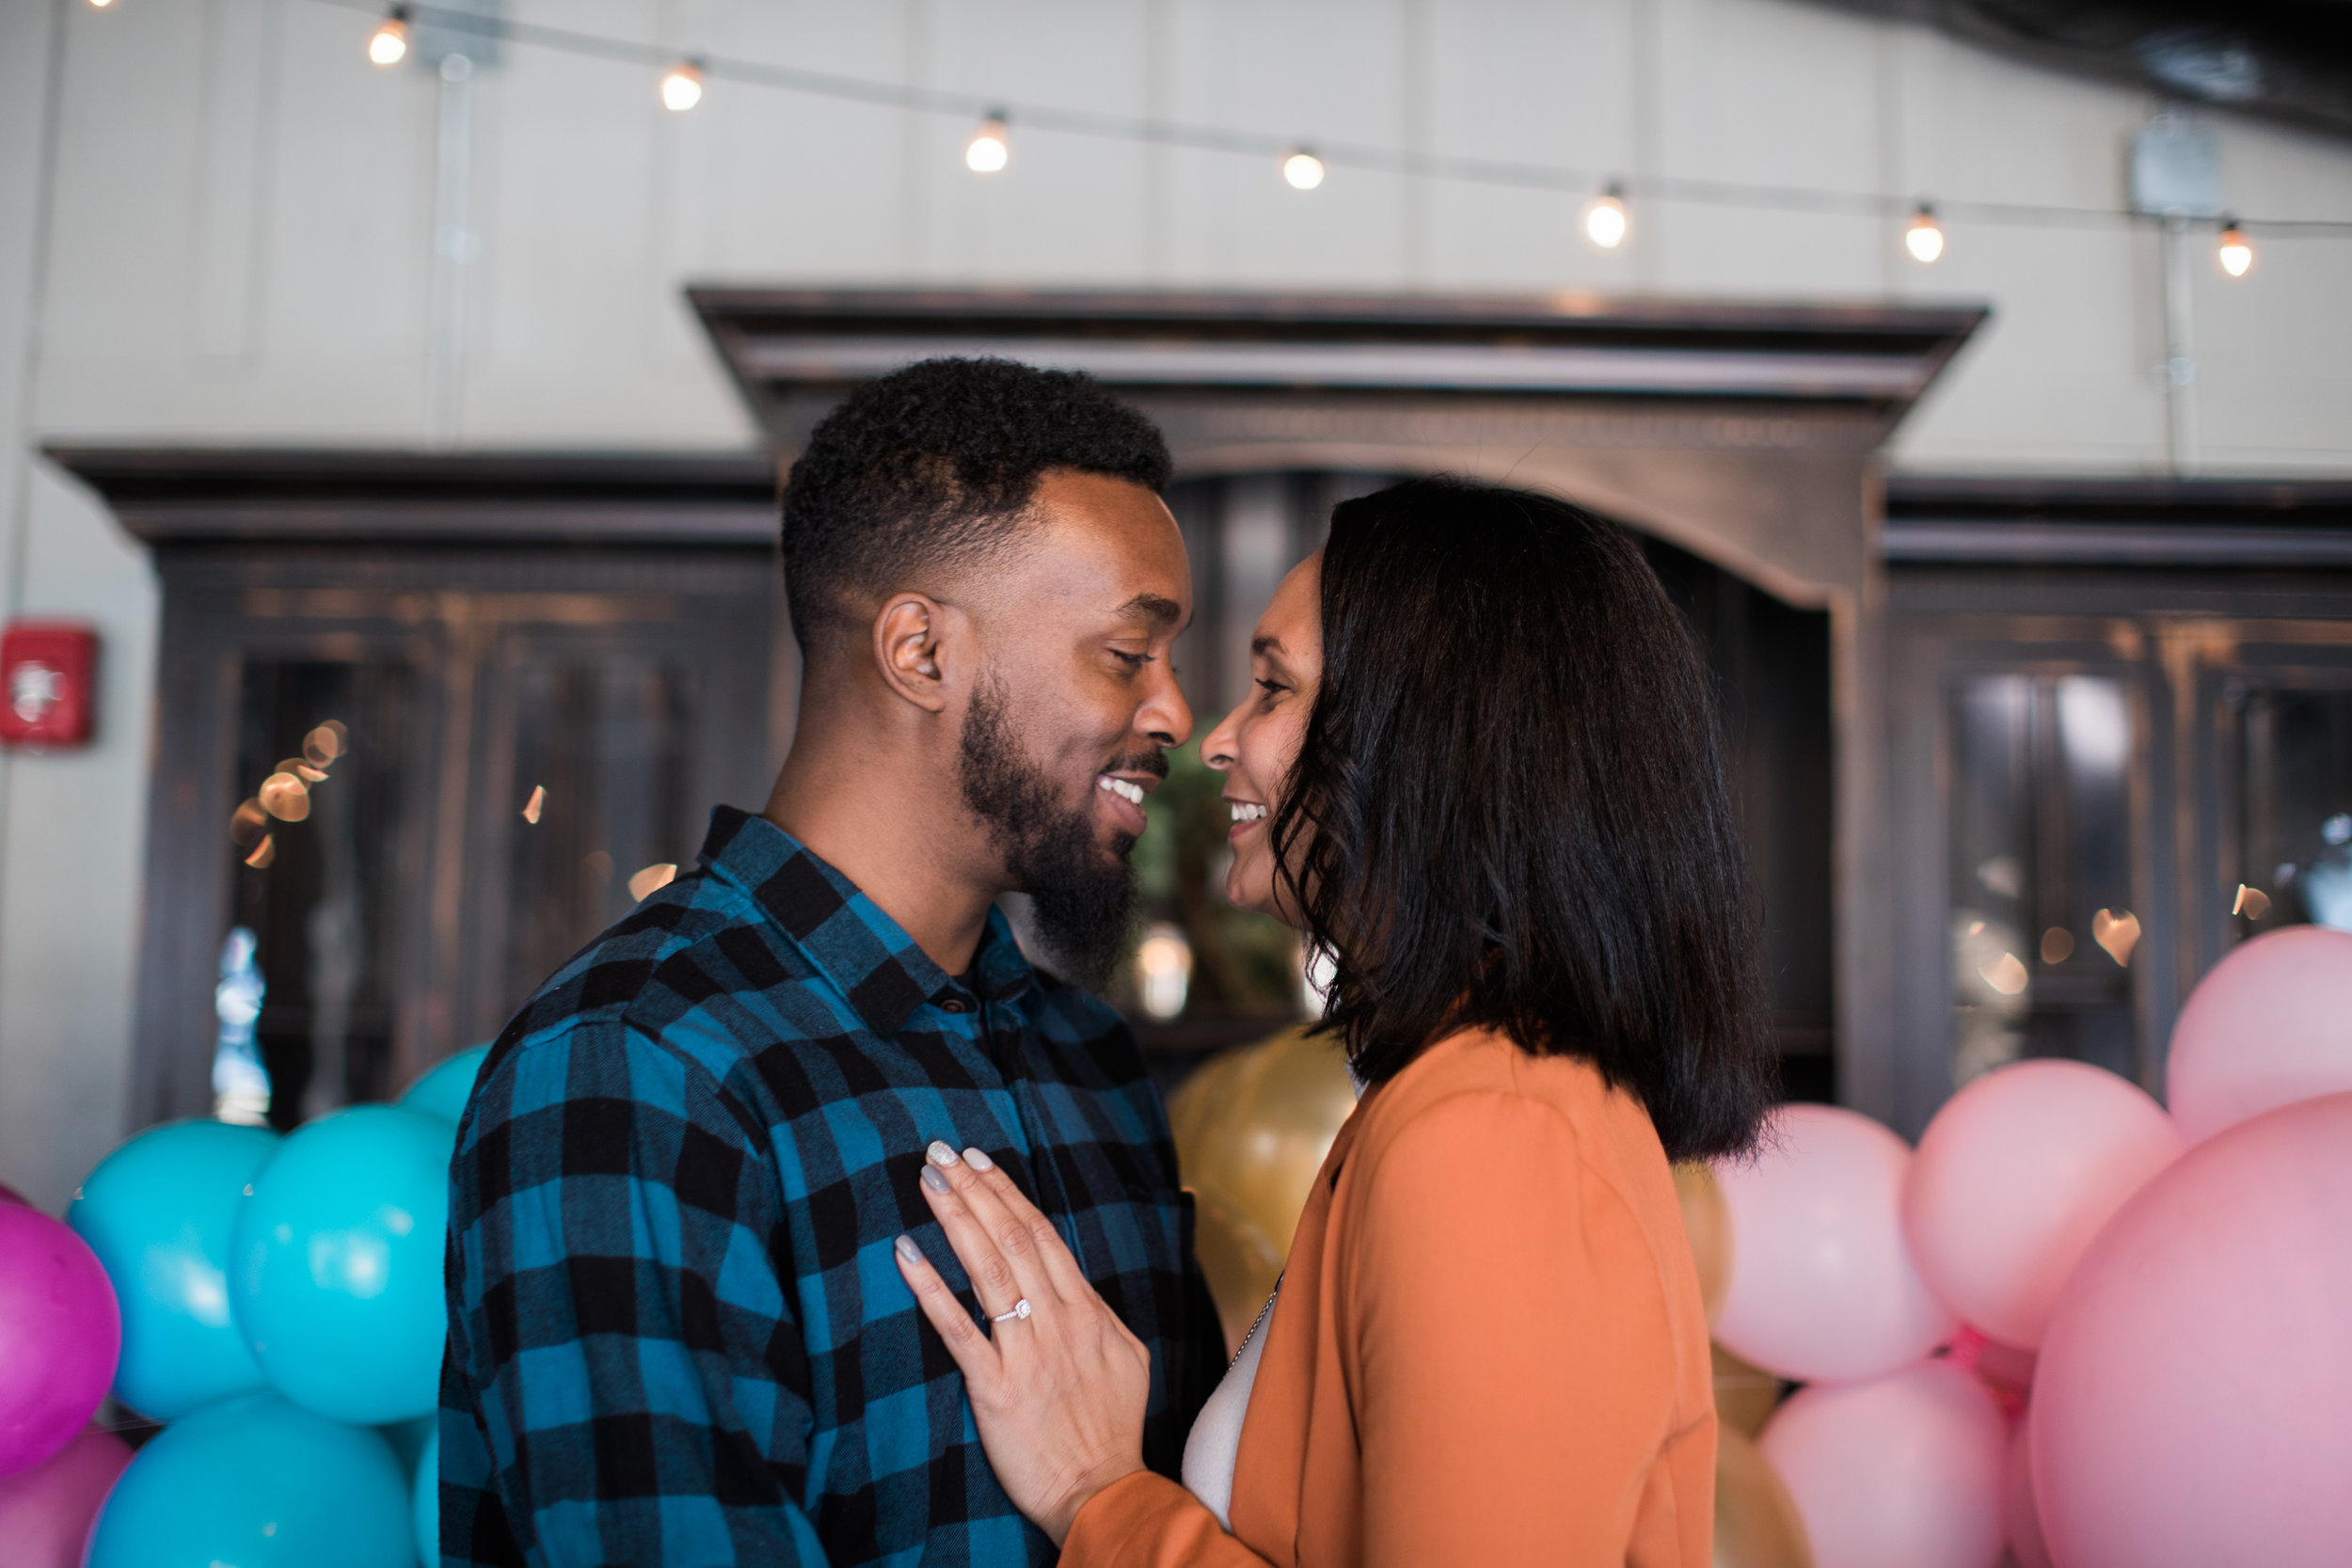 Black engaged couple maryland wedding photographer megapixels media photography main street ballroom ellicott city-2.jpg